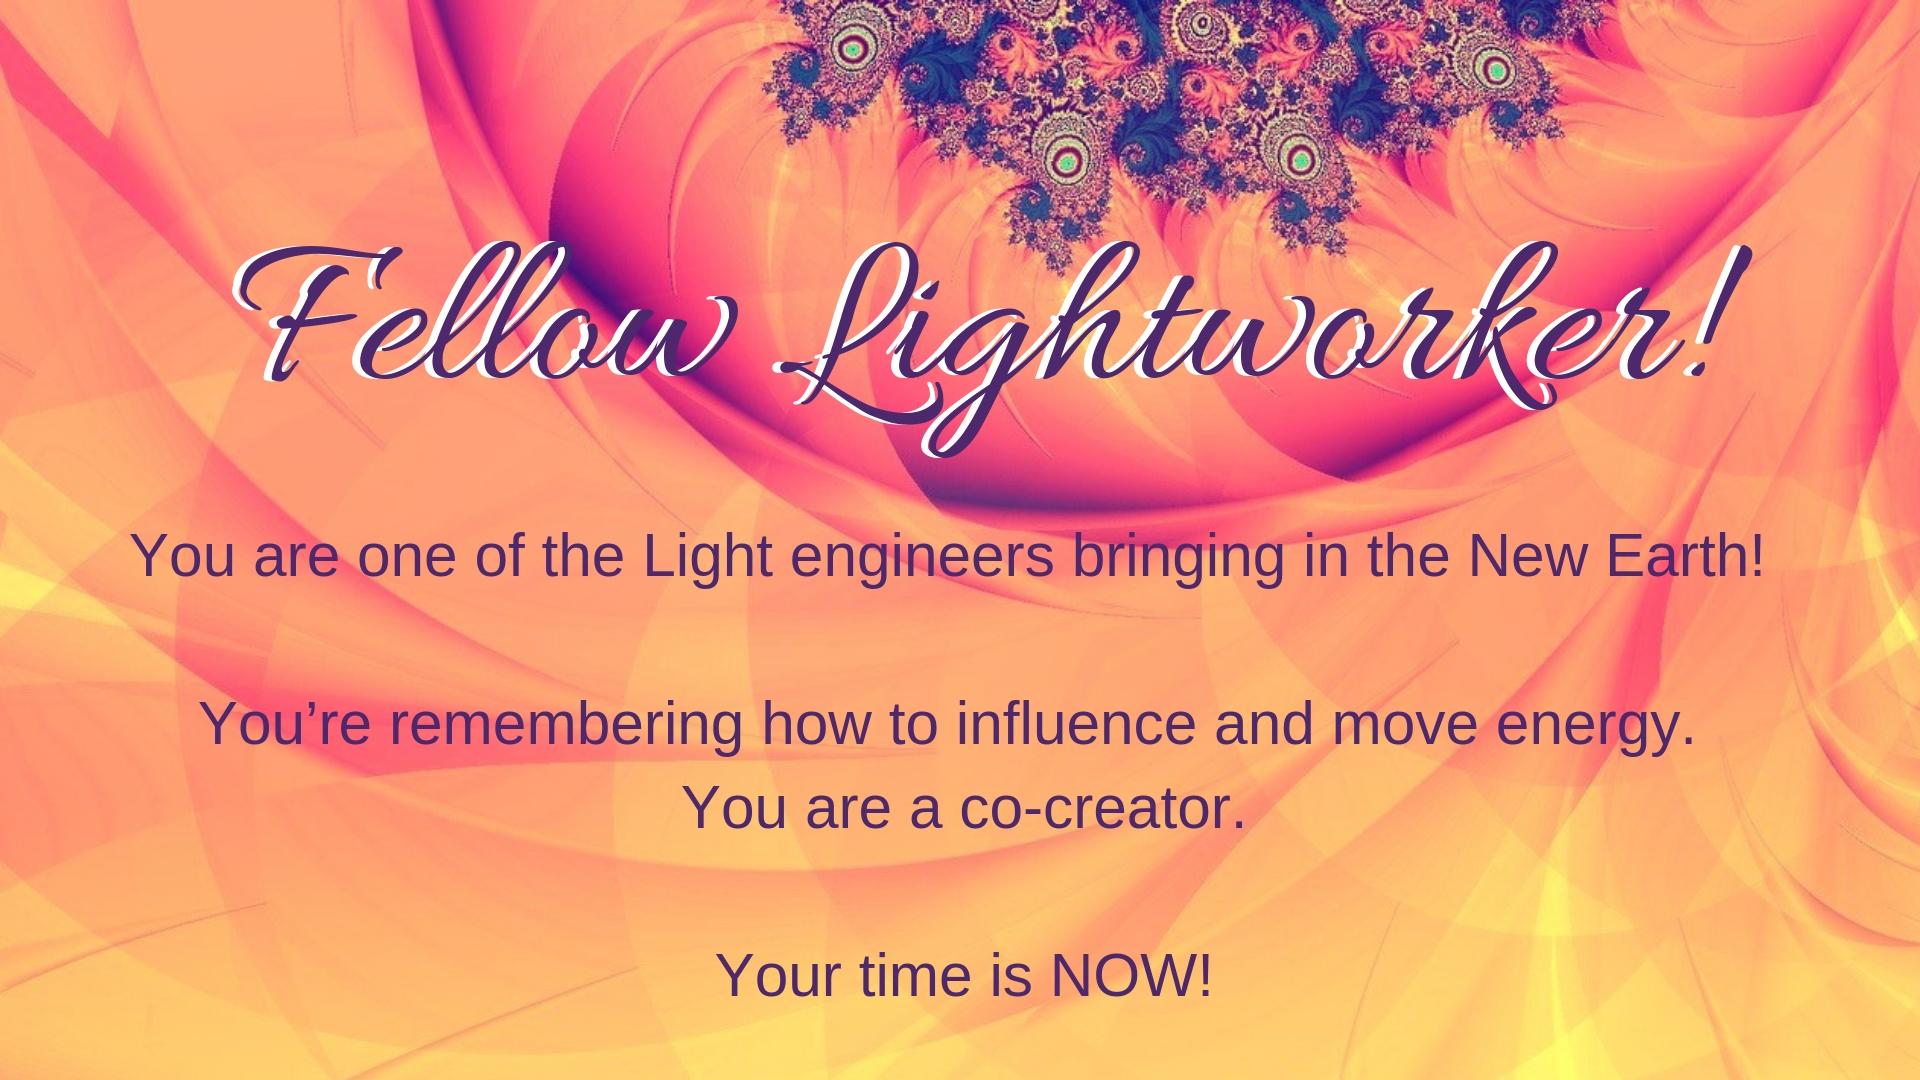 Fellow Lightworkers